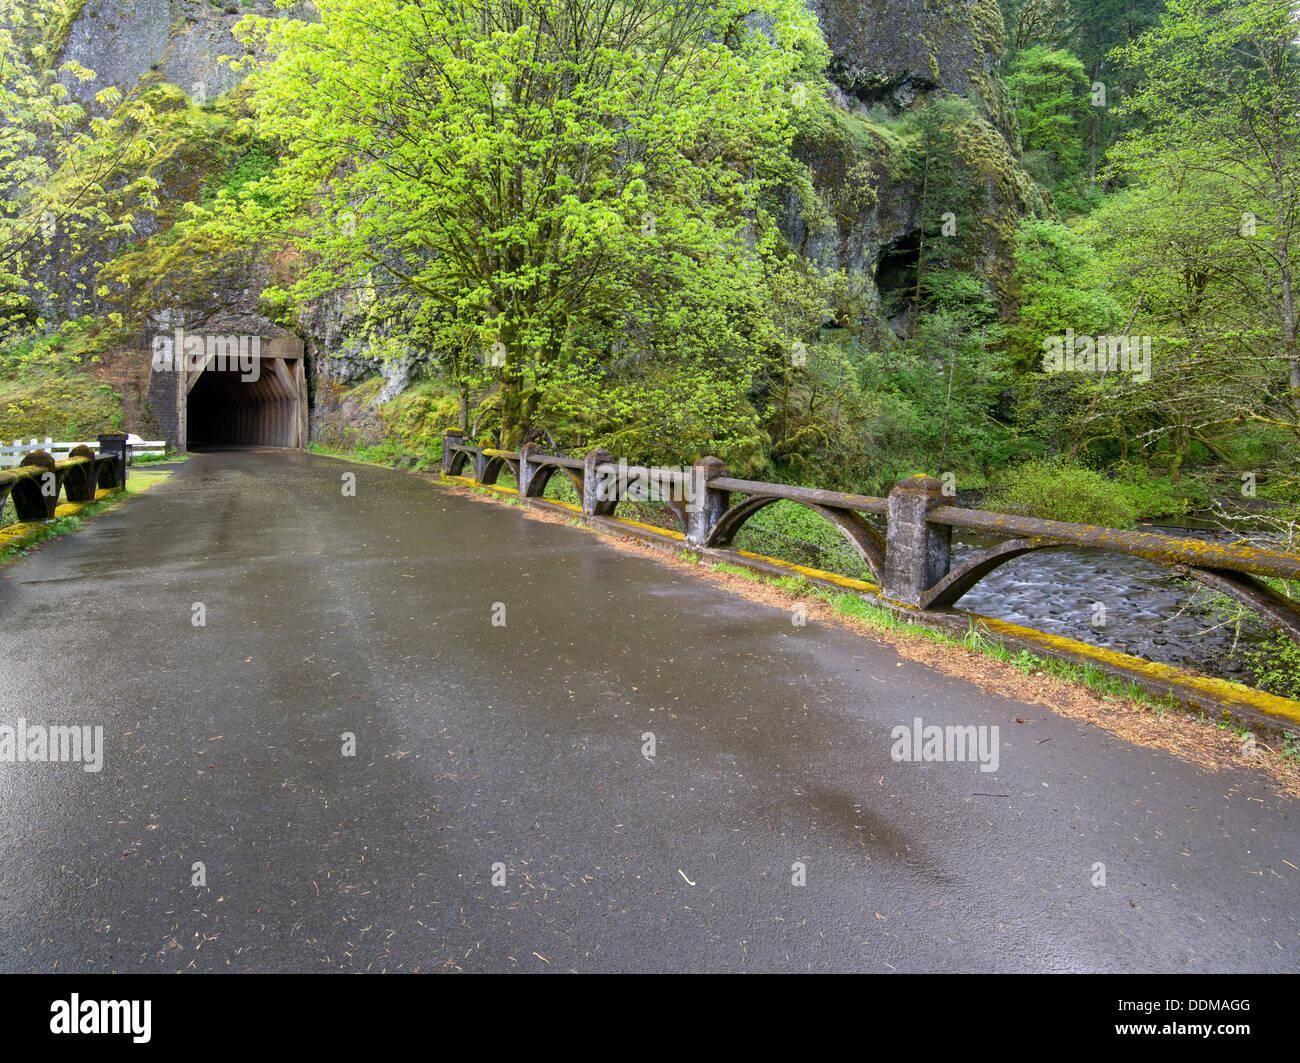 Vieux routier de la rivière Columbia et tunnel. Columbia River Gorge National Scenic Area. Oregon Photo Stock